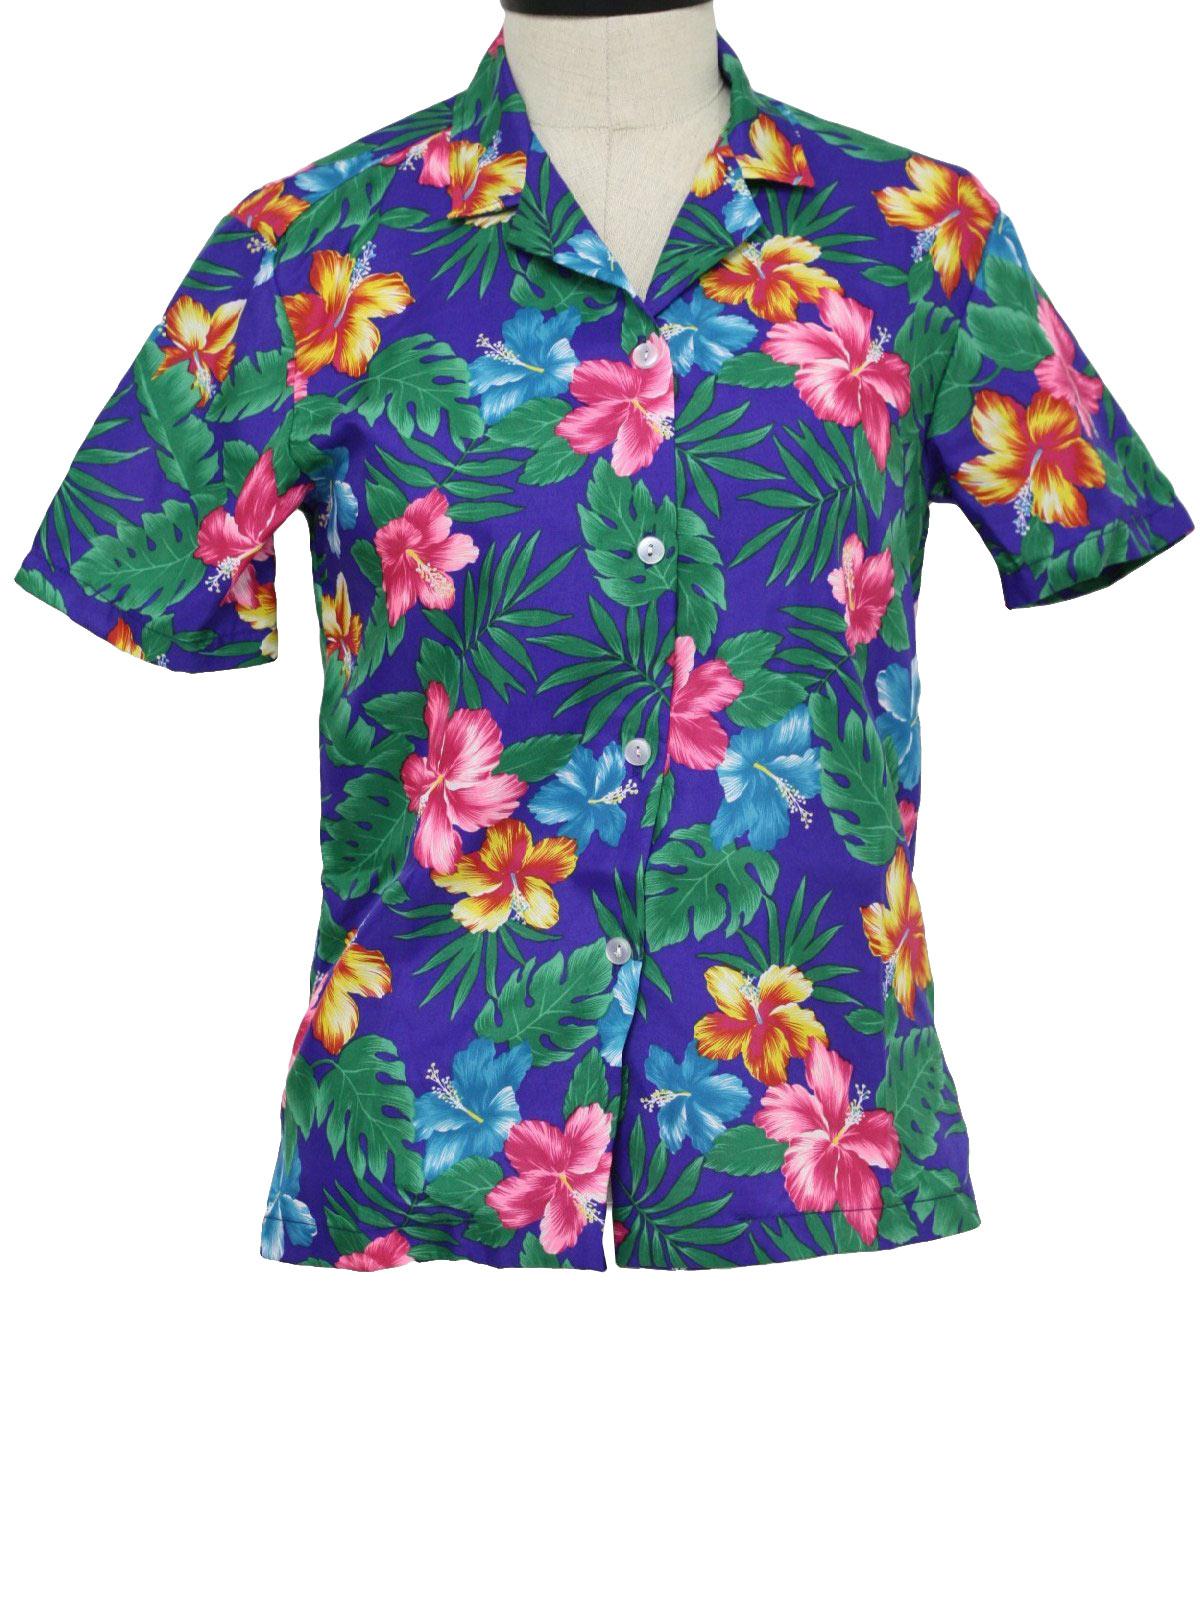 Vintage 1980 39 S Hawaiian Shirt 80s L Hawaii Designs